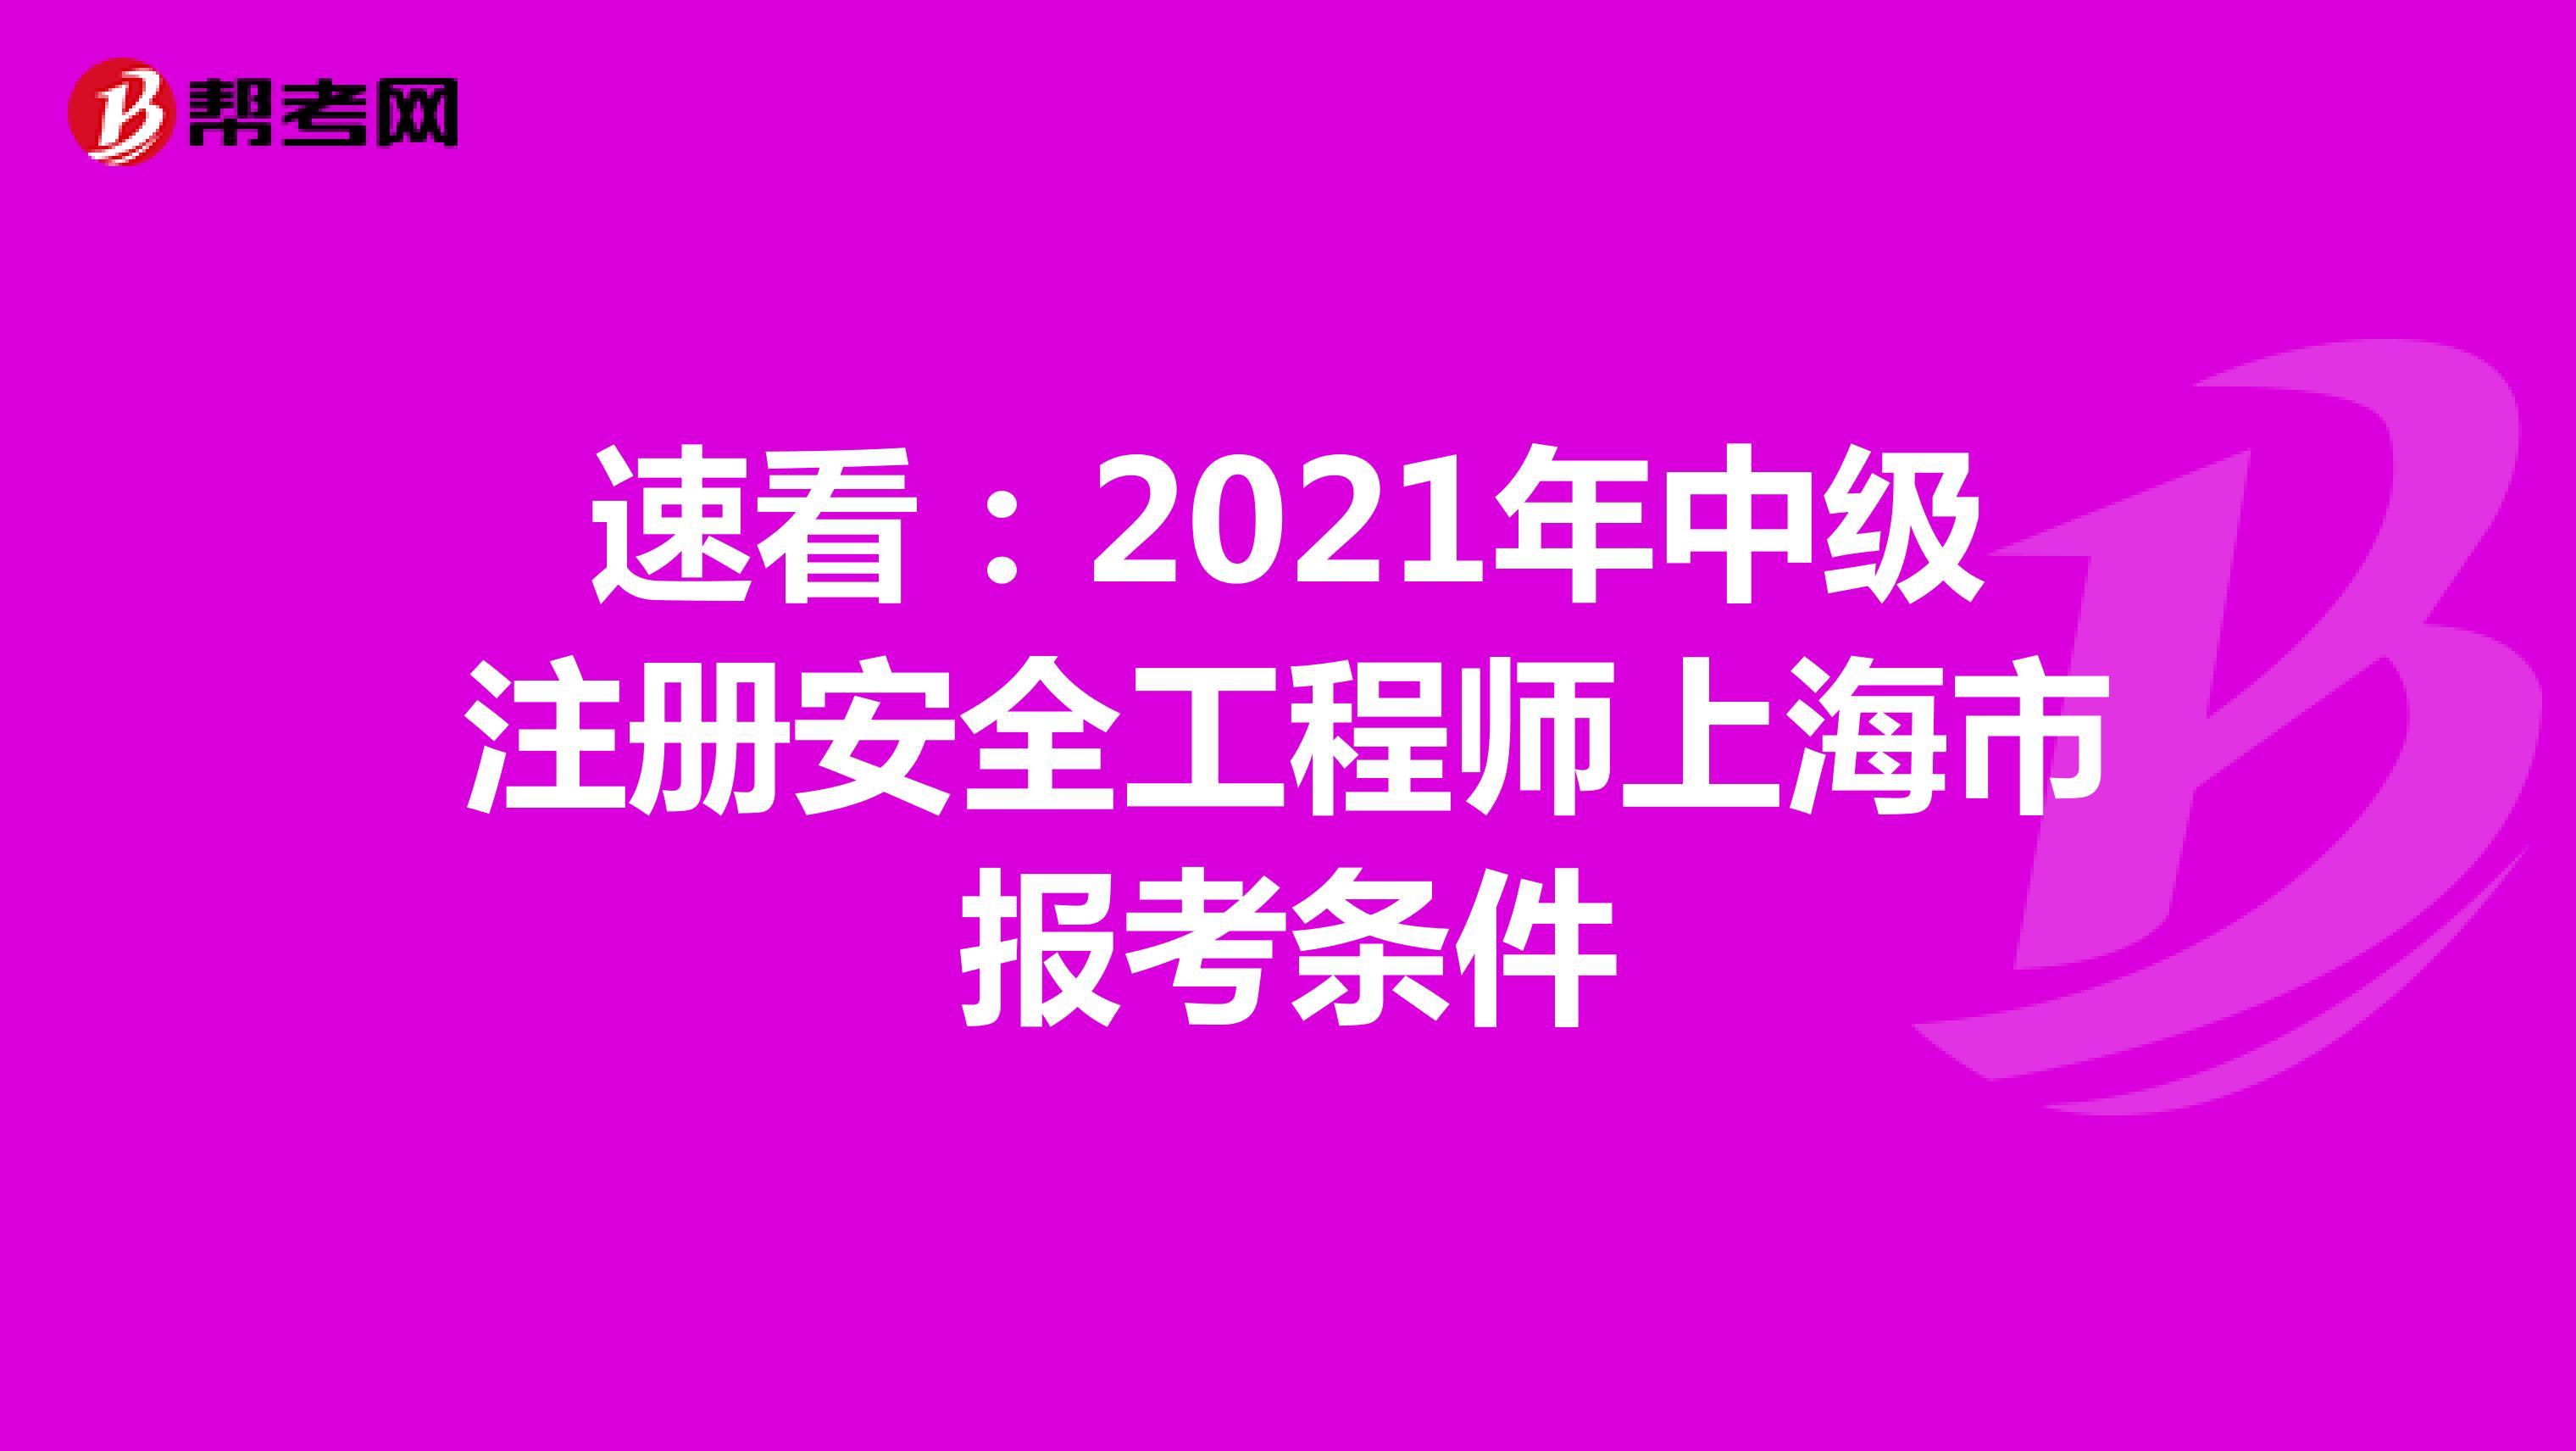 速看:2021年中级注册安全工程师上海市报考条件